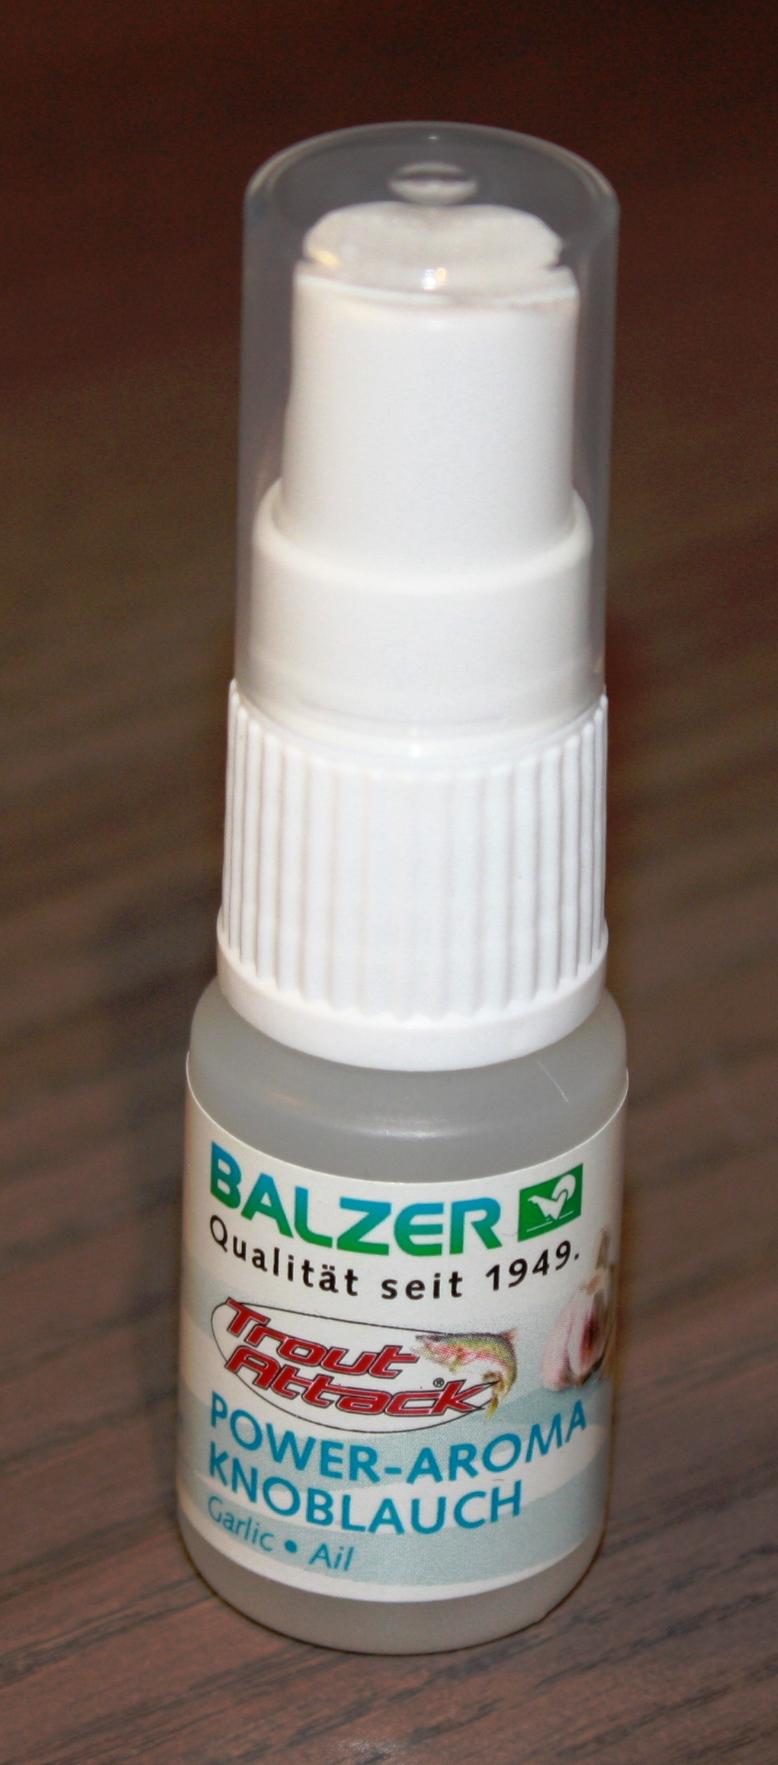 Balzer-Trout-ATTACK-SPRAY-OLIO-API-MADE-aglio-SANGUE-FEGATO-Forelli-lachsei-NEW